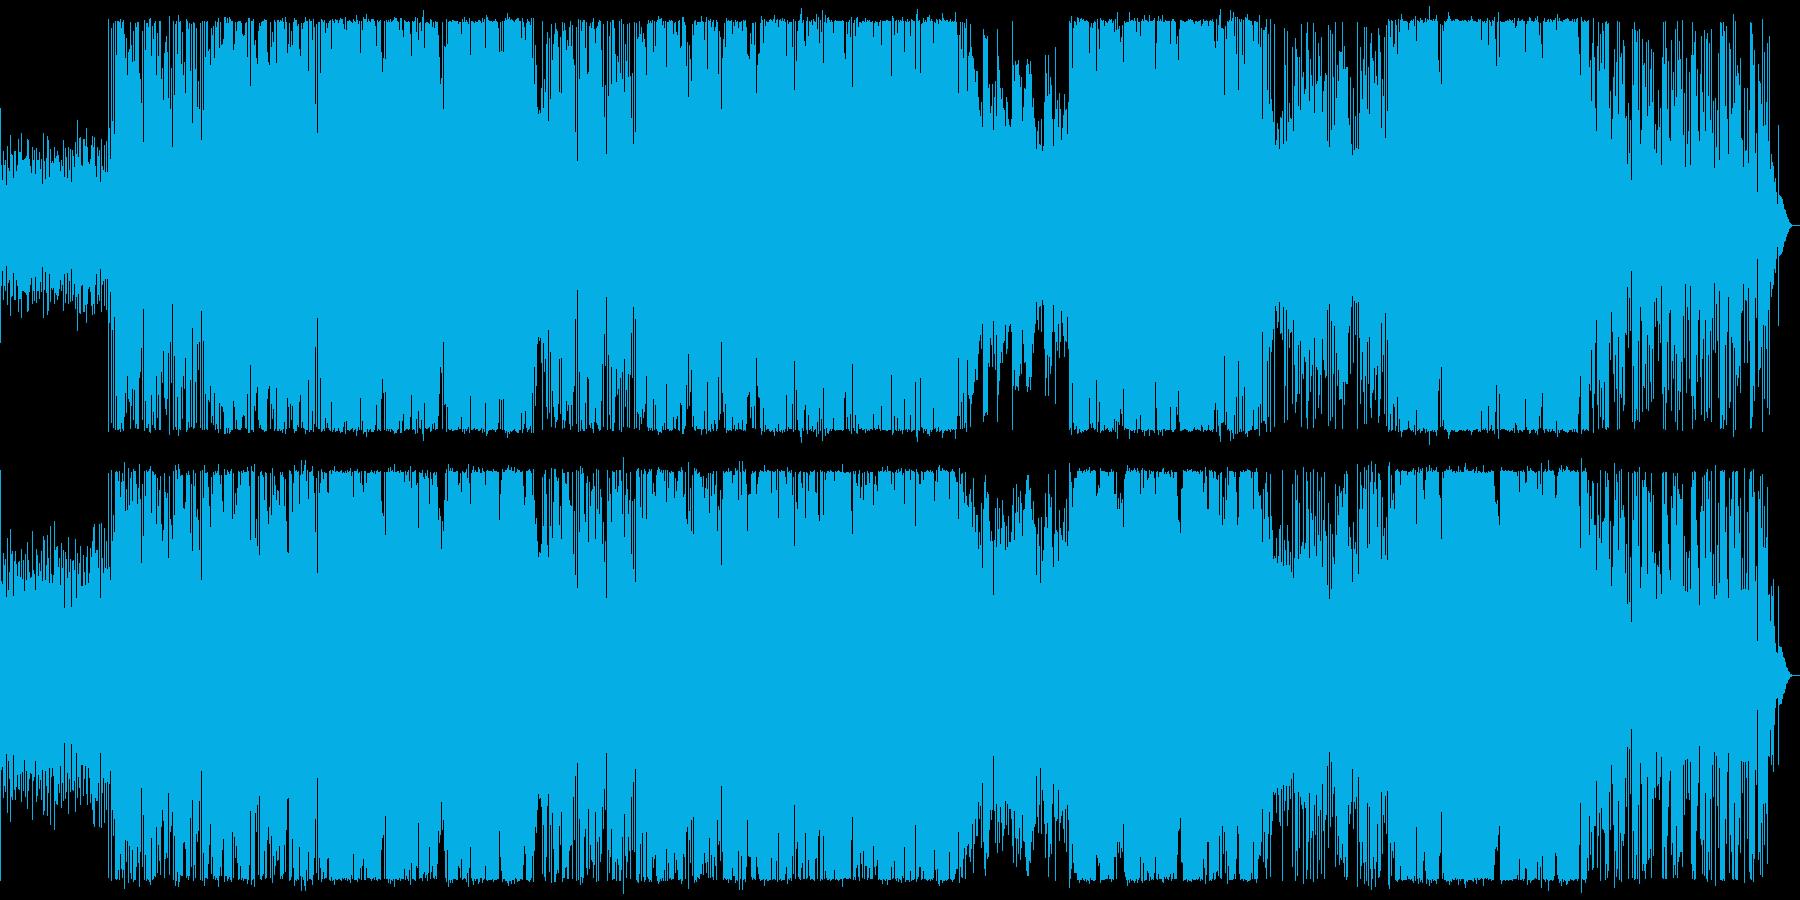 ブラスがアクセントのアクティブな曲の再生済みの波形